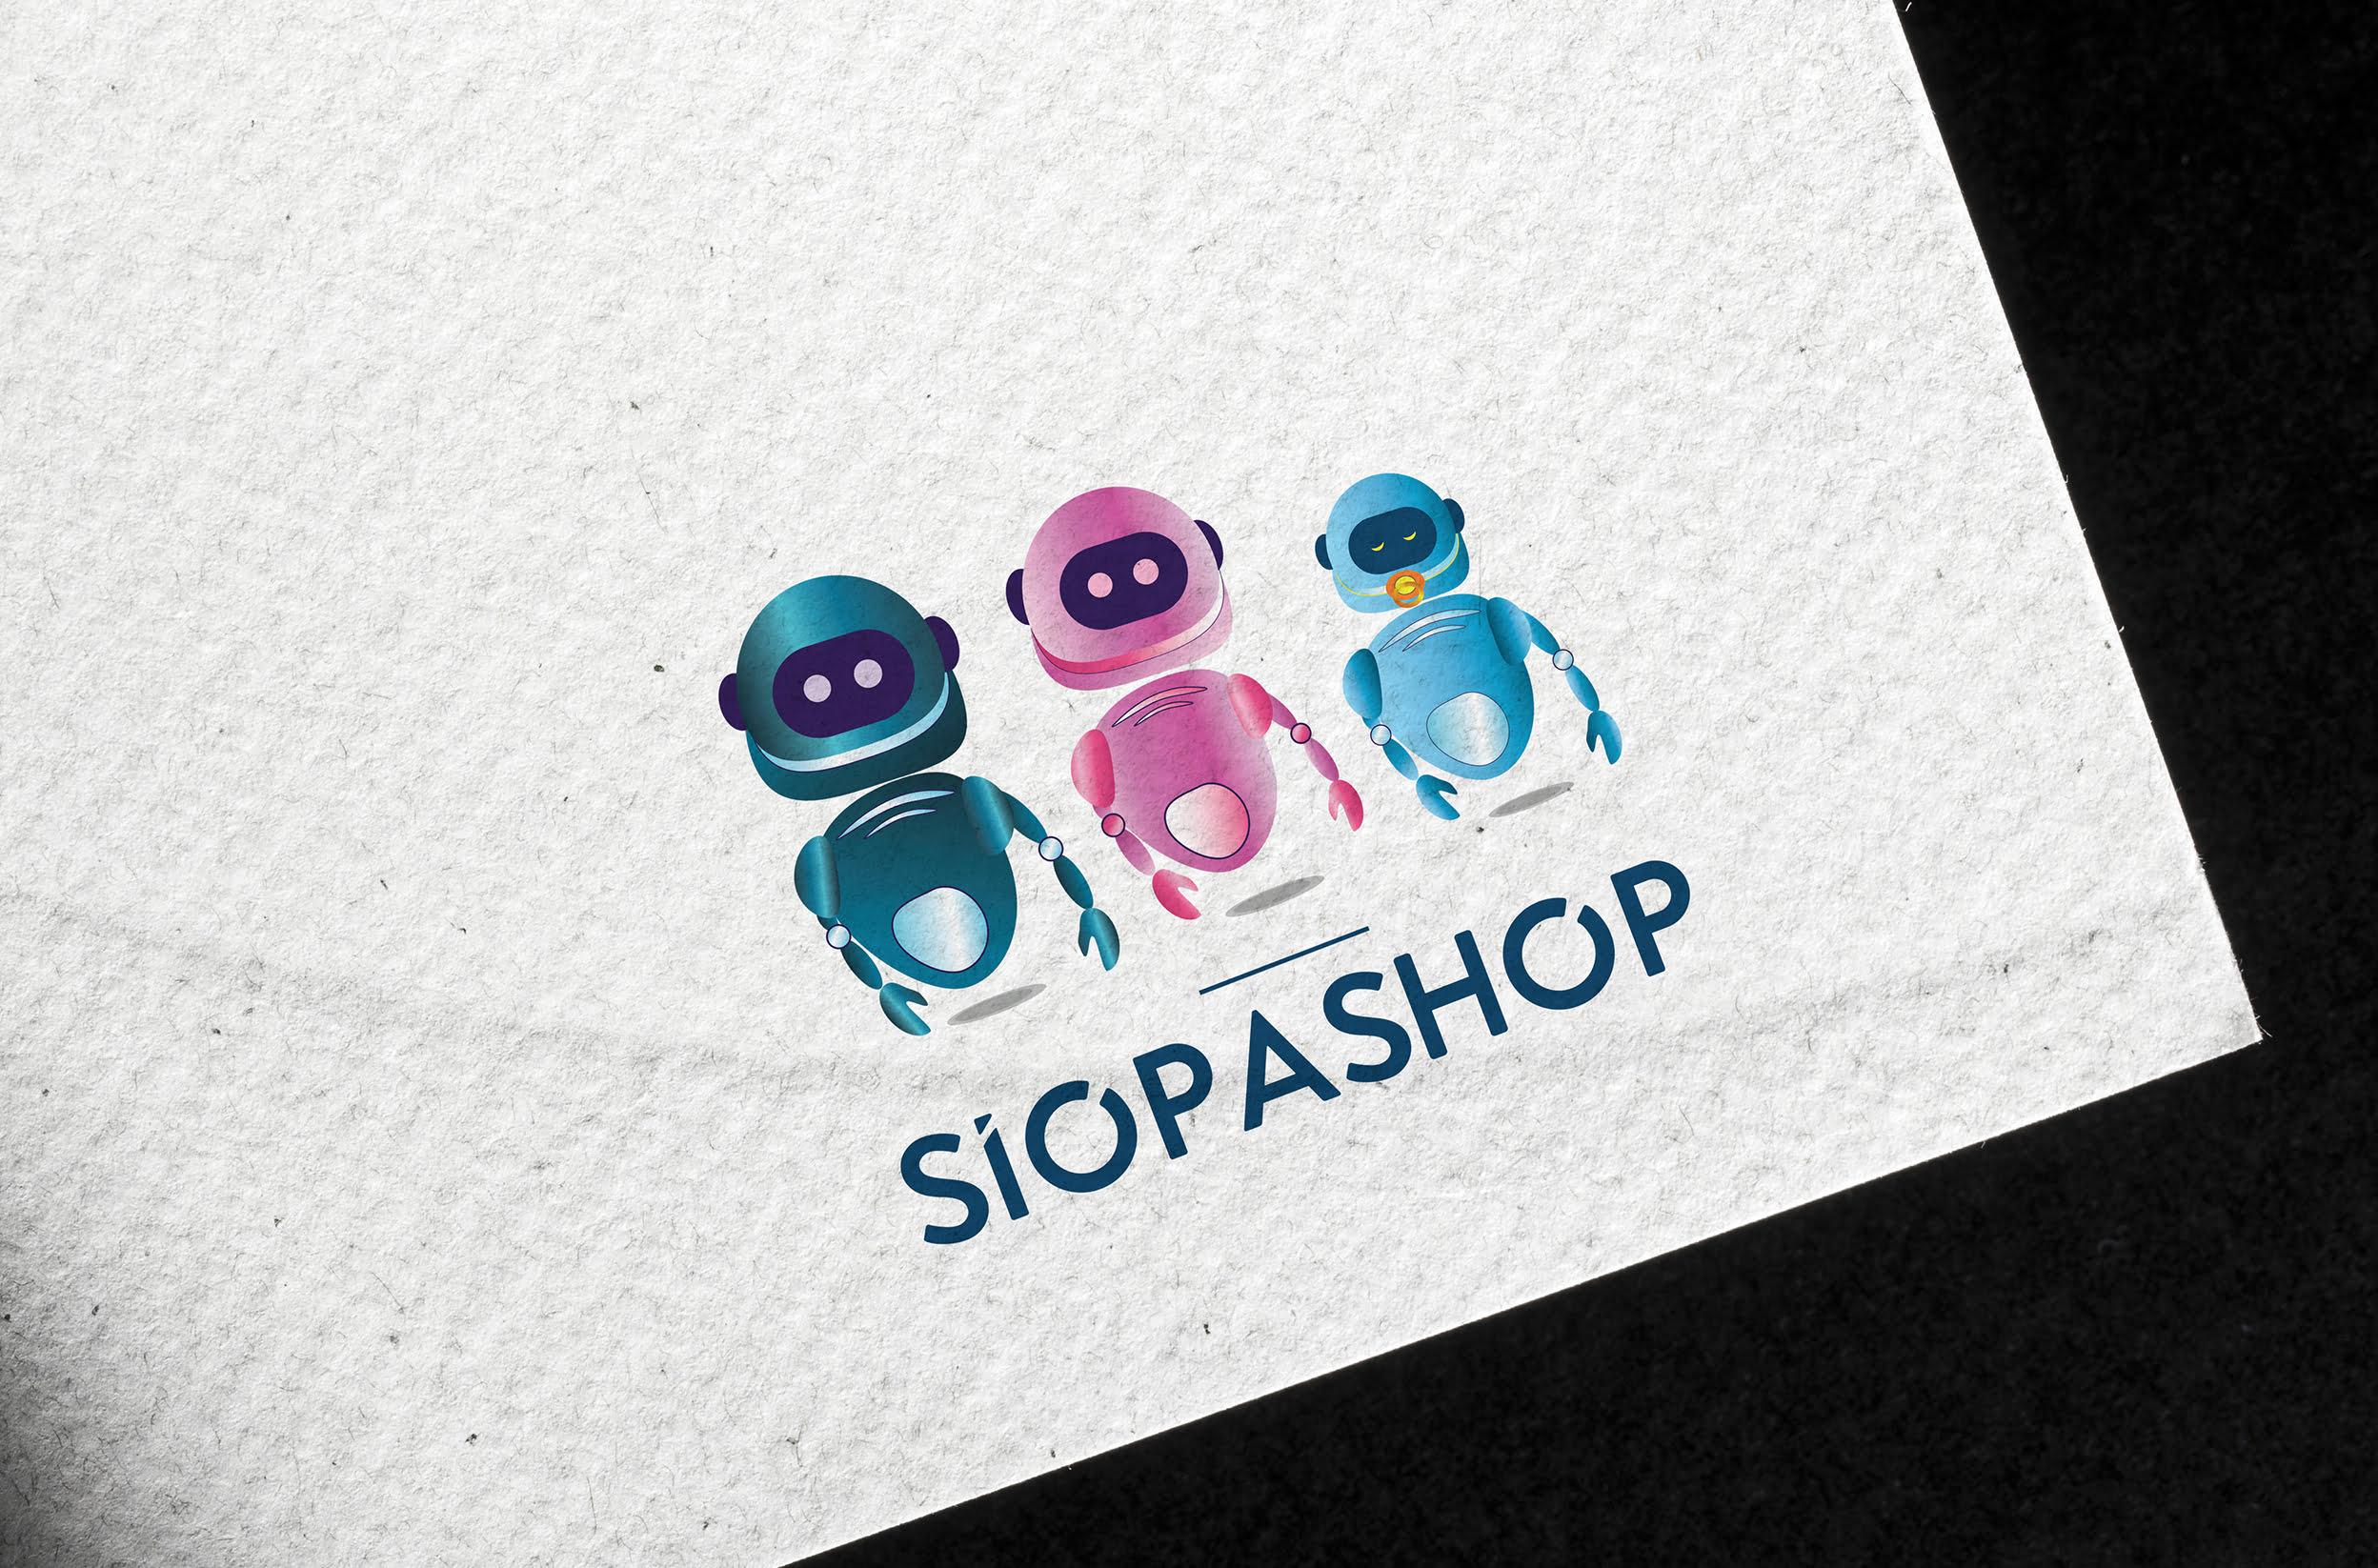 siopashop-6